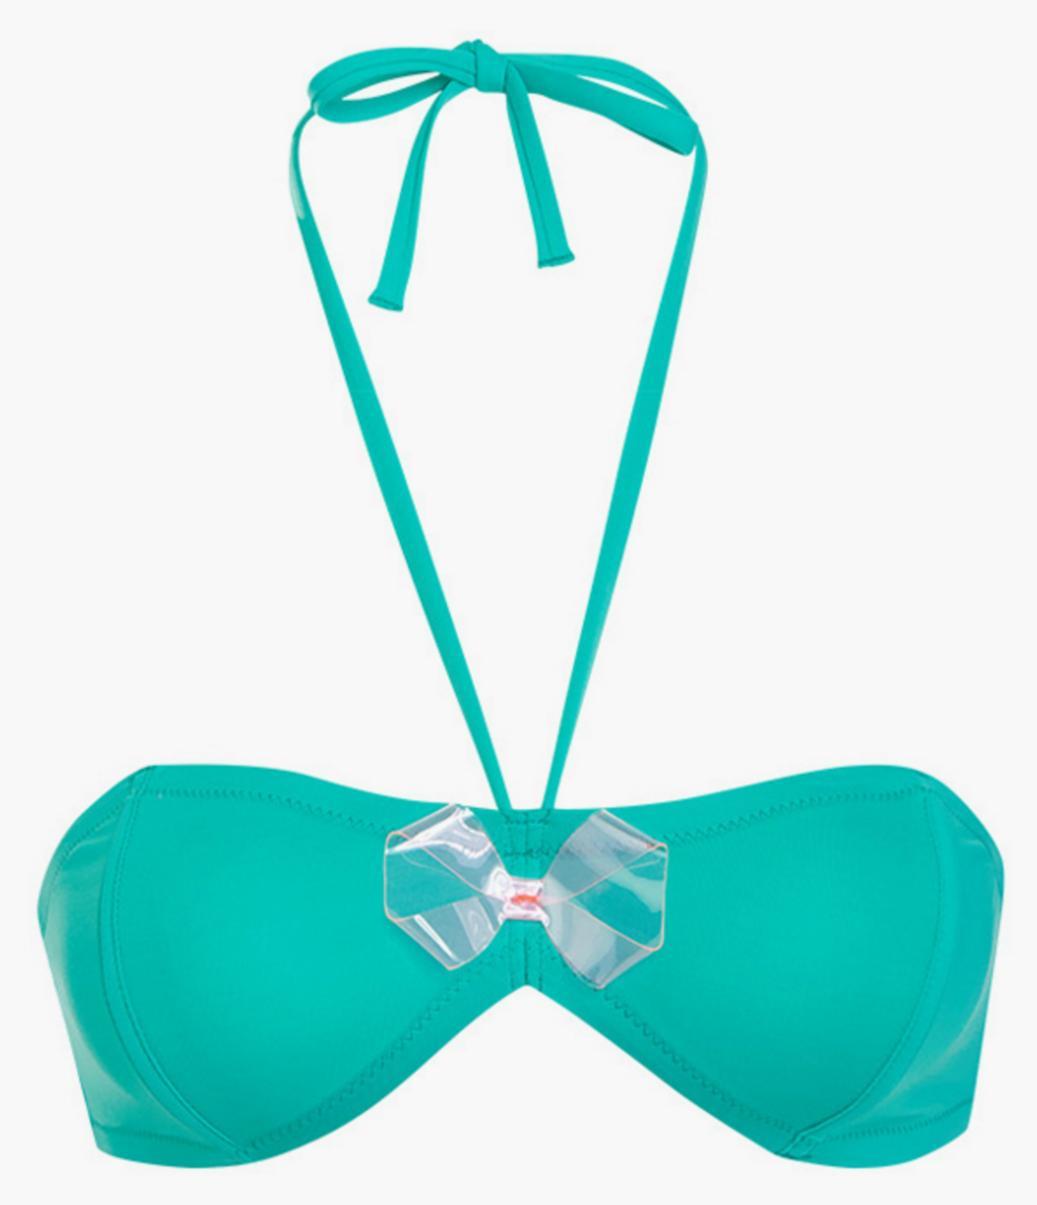 Sélection de Lingerie Princesse Tam-Tam en promotion - Ex: Soutien-gorge de bain bandeau sans armatures Dolly - Taille 38 ou 42